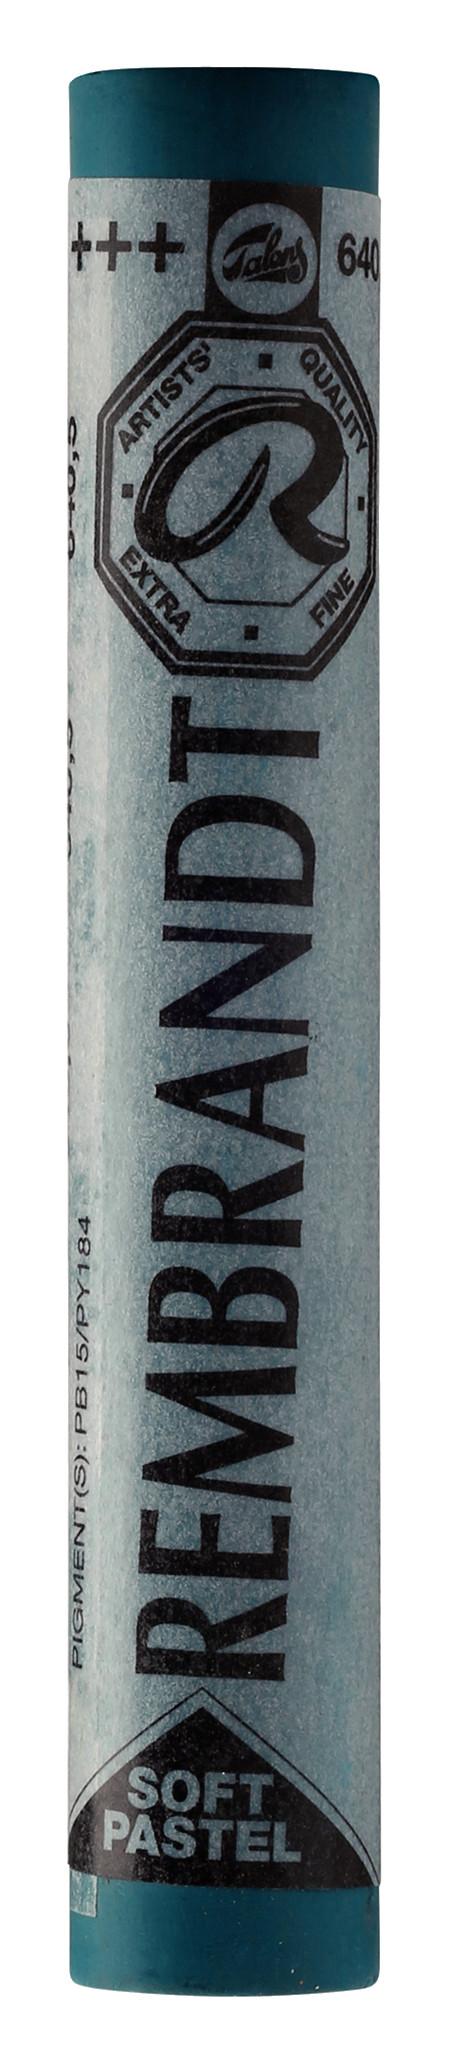 Rembrandt Soft Pastel Round Full Stick Bluish Green(5) (640.5)